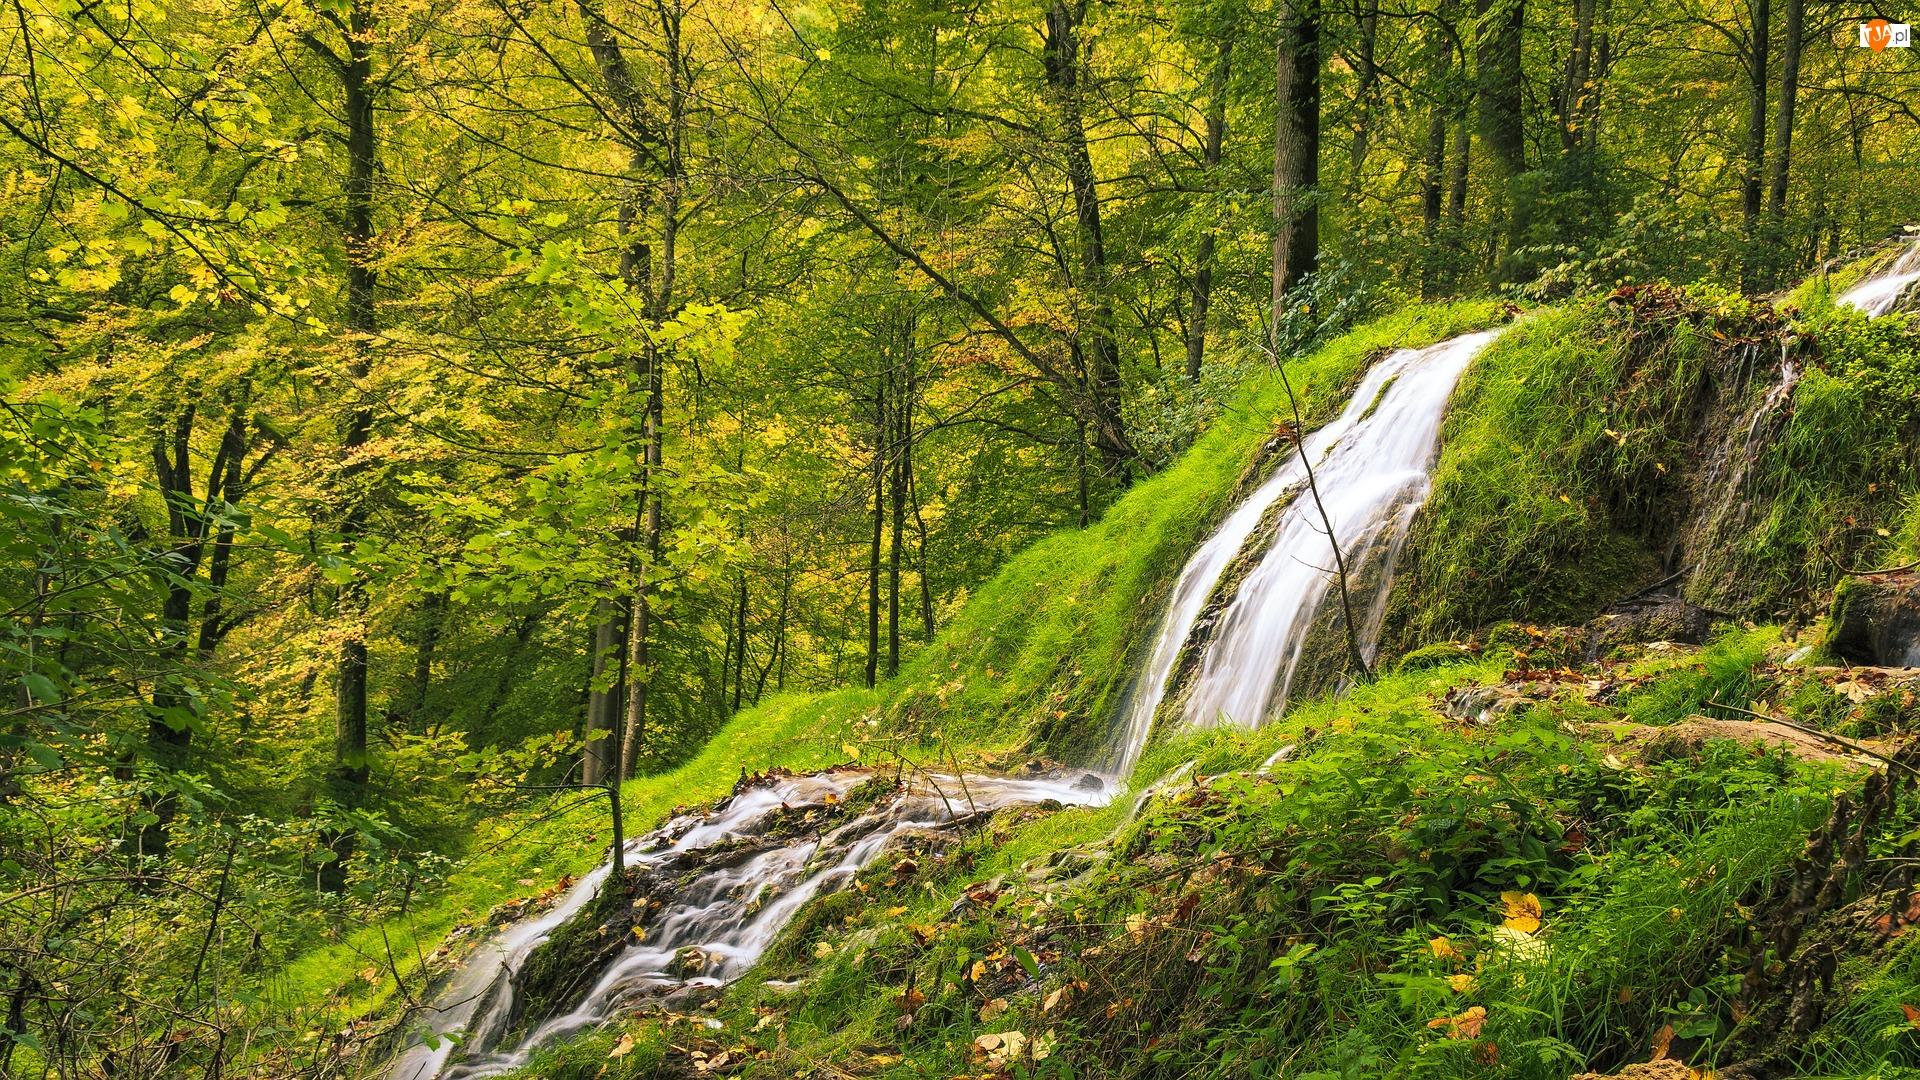 Zielona, Skały, Las, Wodospad, Roślinność